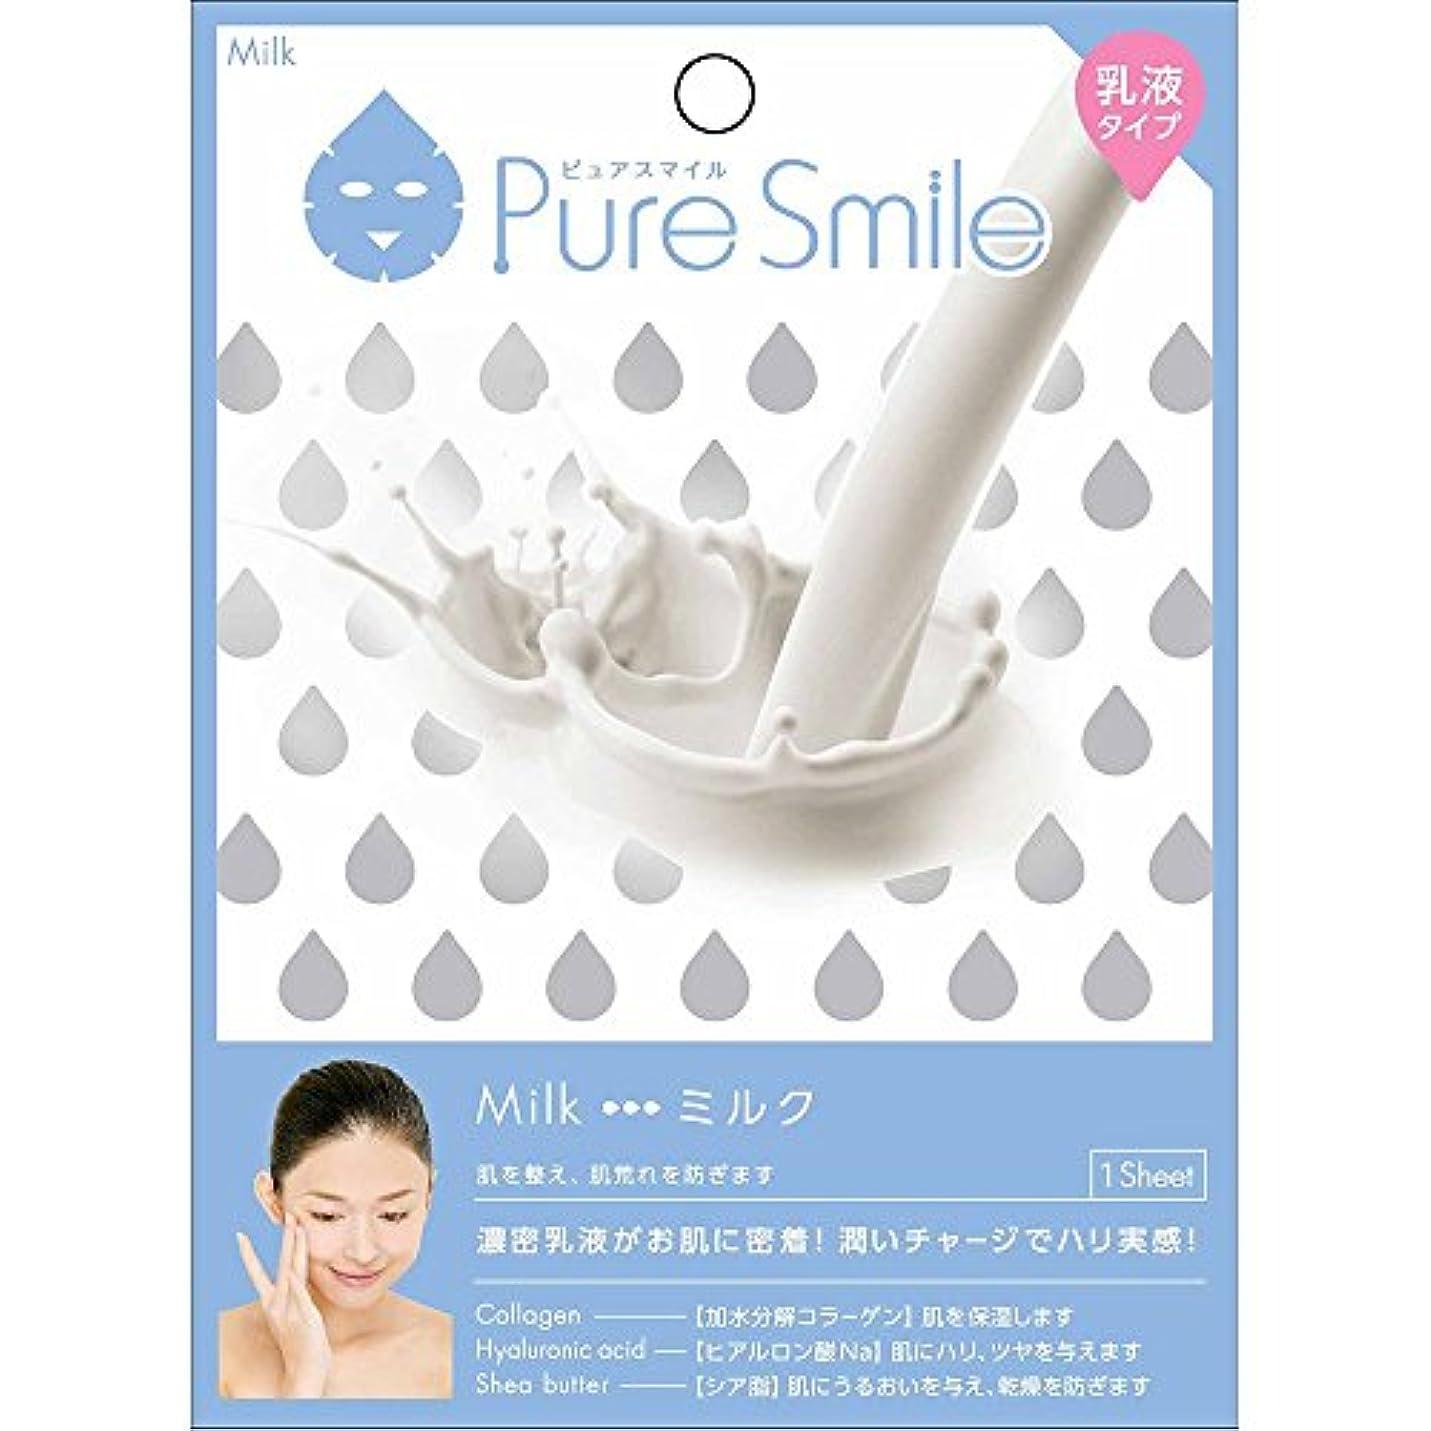 内訳時刻表反乱Pure Smile(ピュアスマイル) 乳液エッセンスマスク 1 枚 ミルク